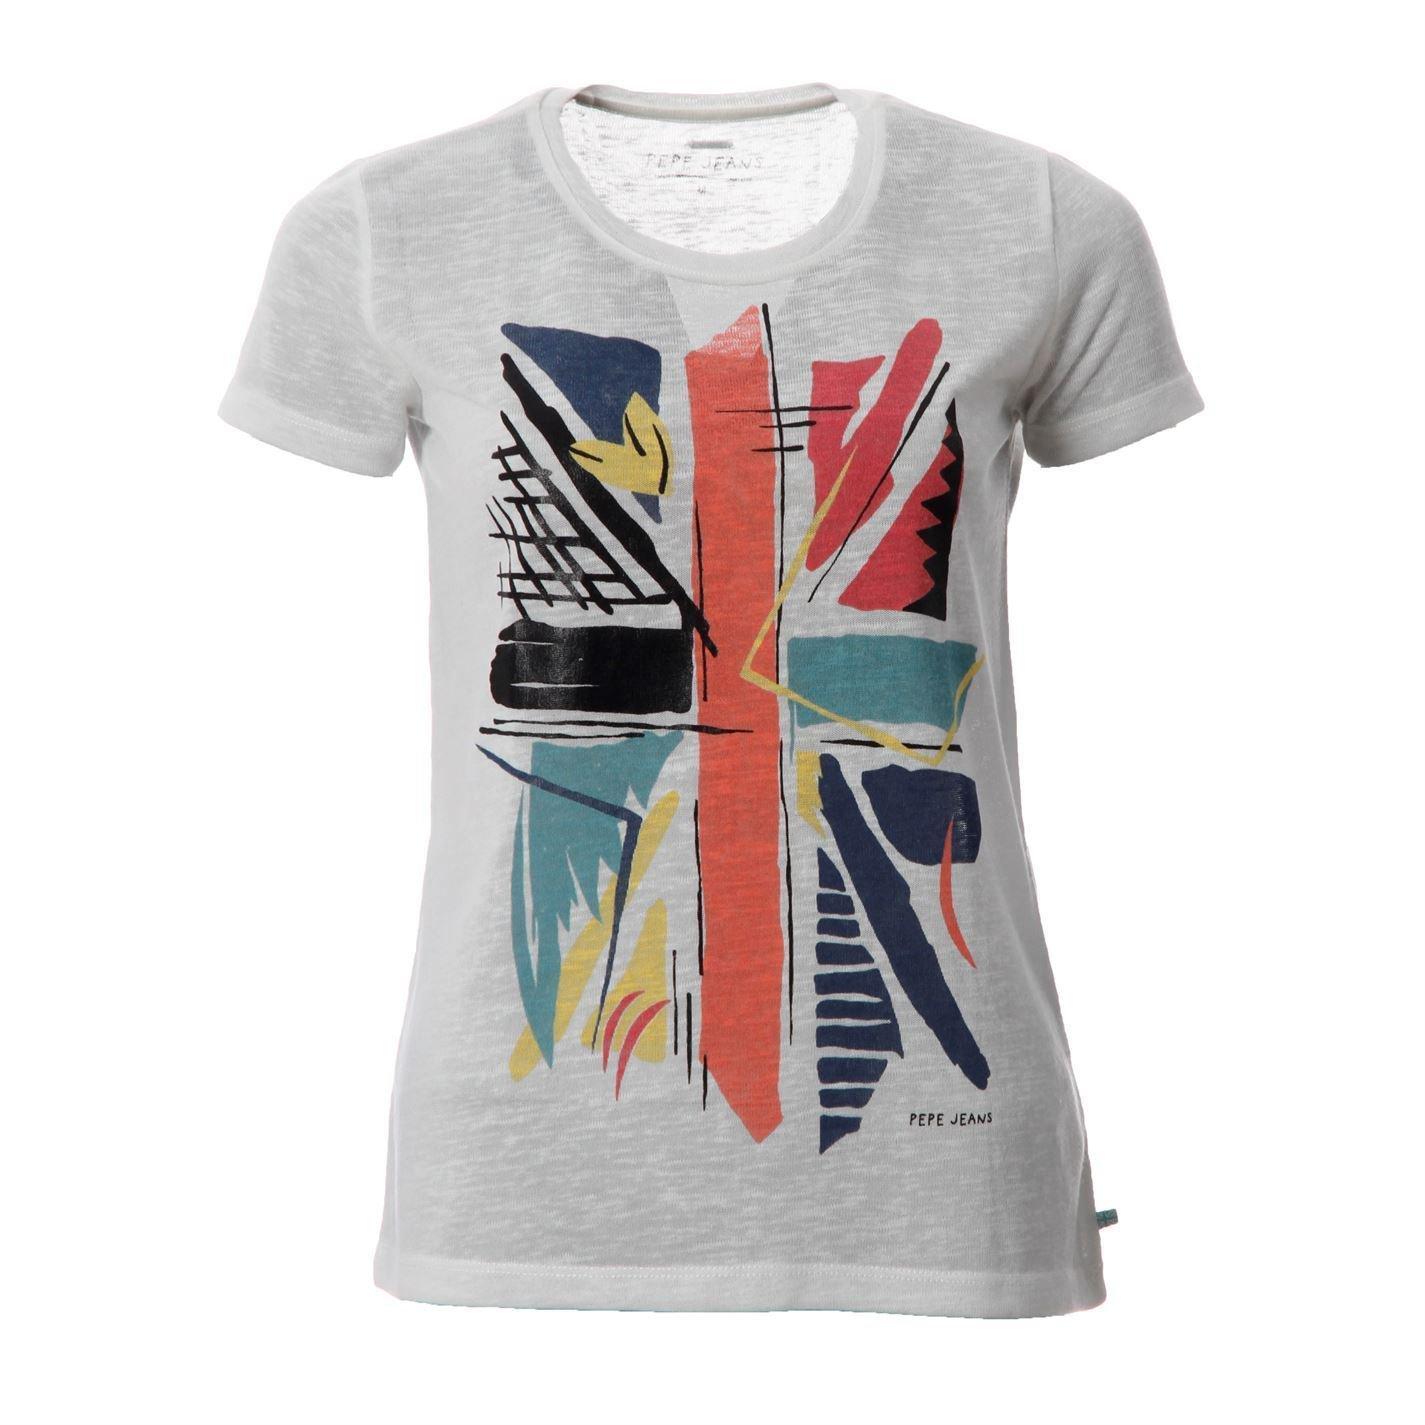 Pepe Jeans Womens Cruz Printed T Shirt Short Sleeve Tee Casual Top Ladies